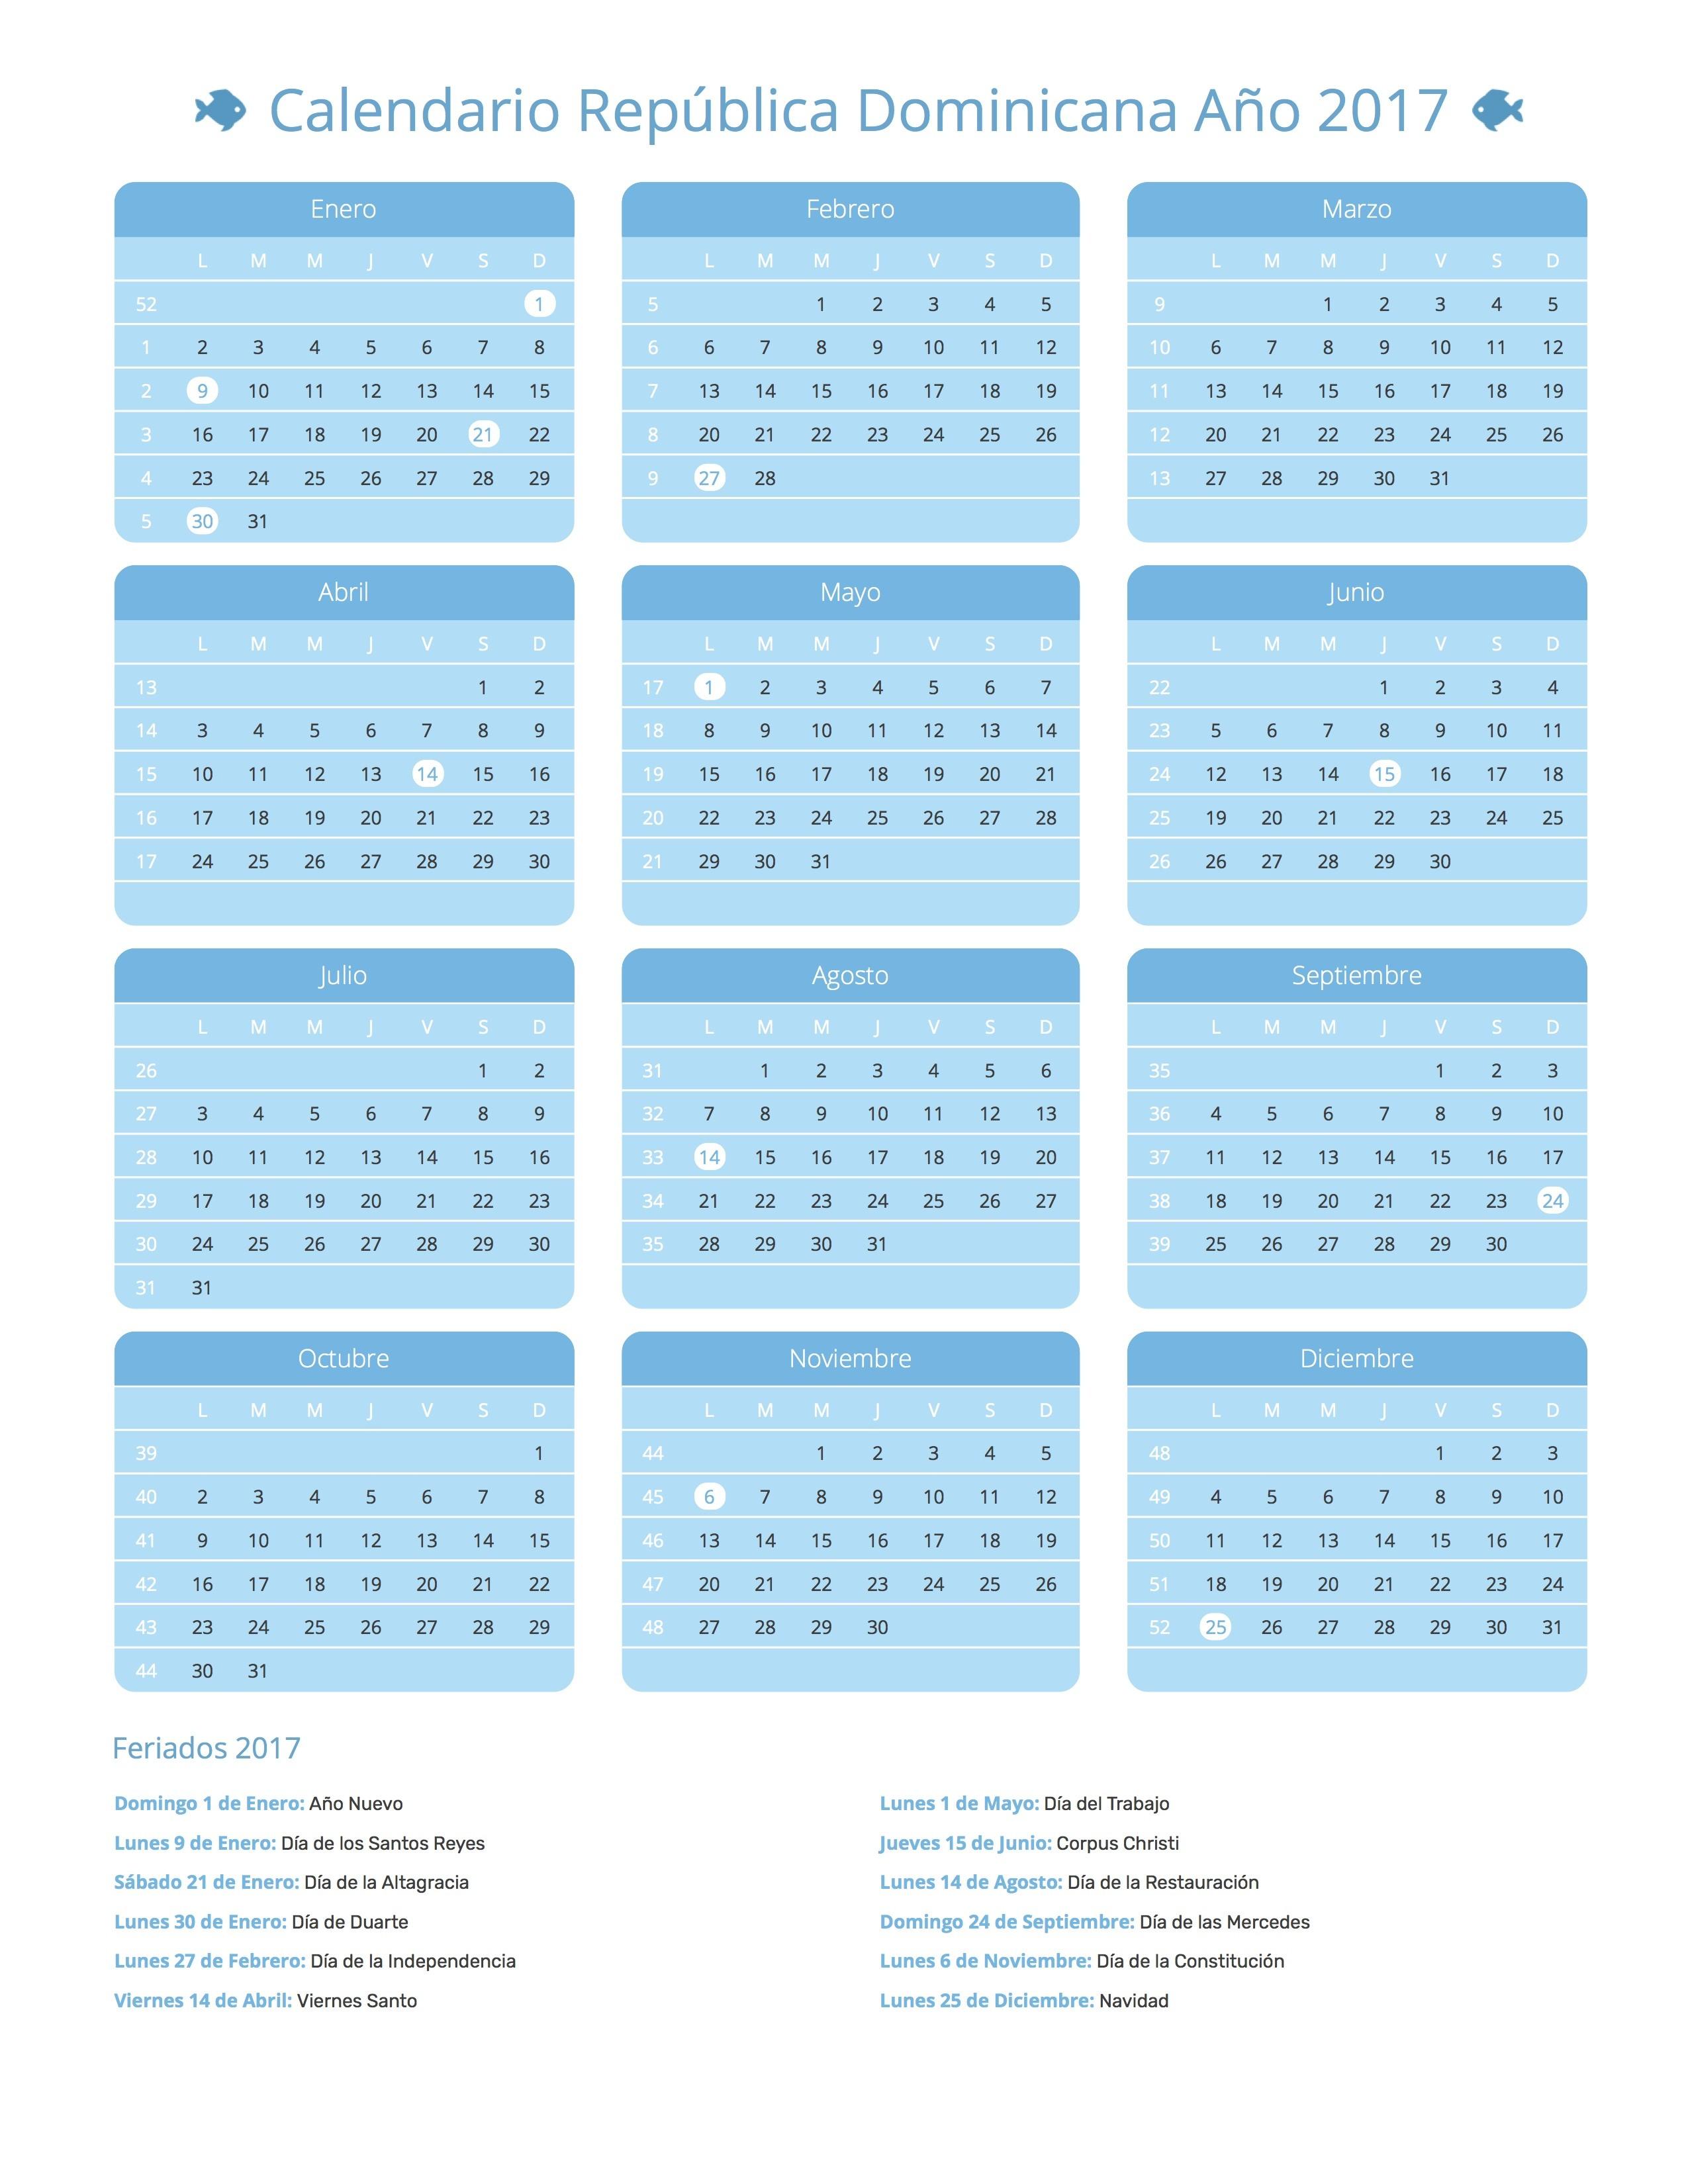 Calendario Republica Dominicana 2017